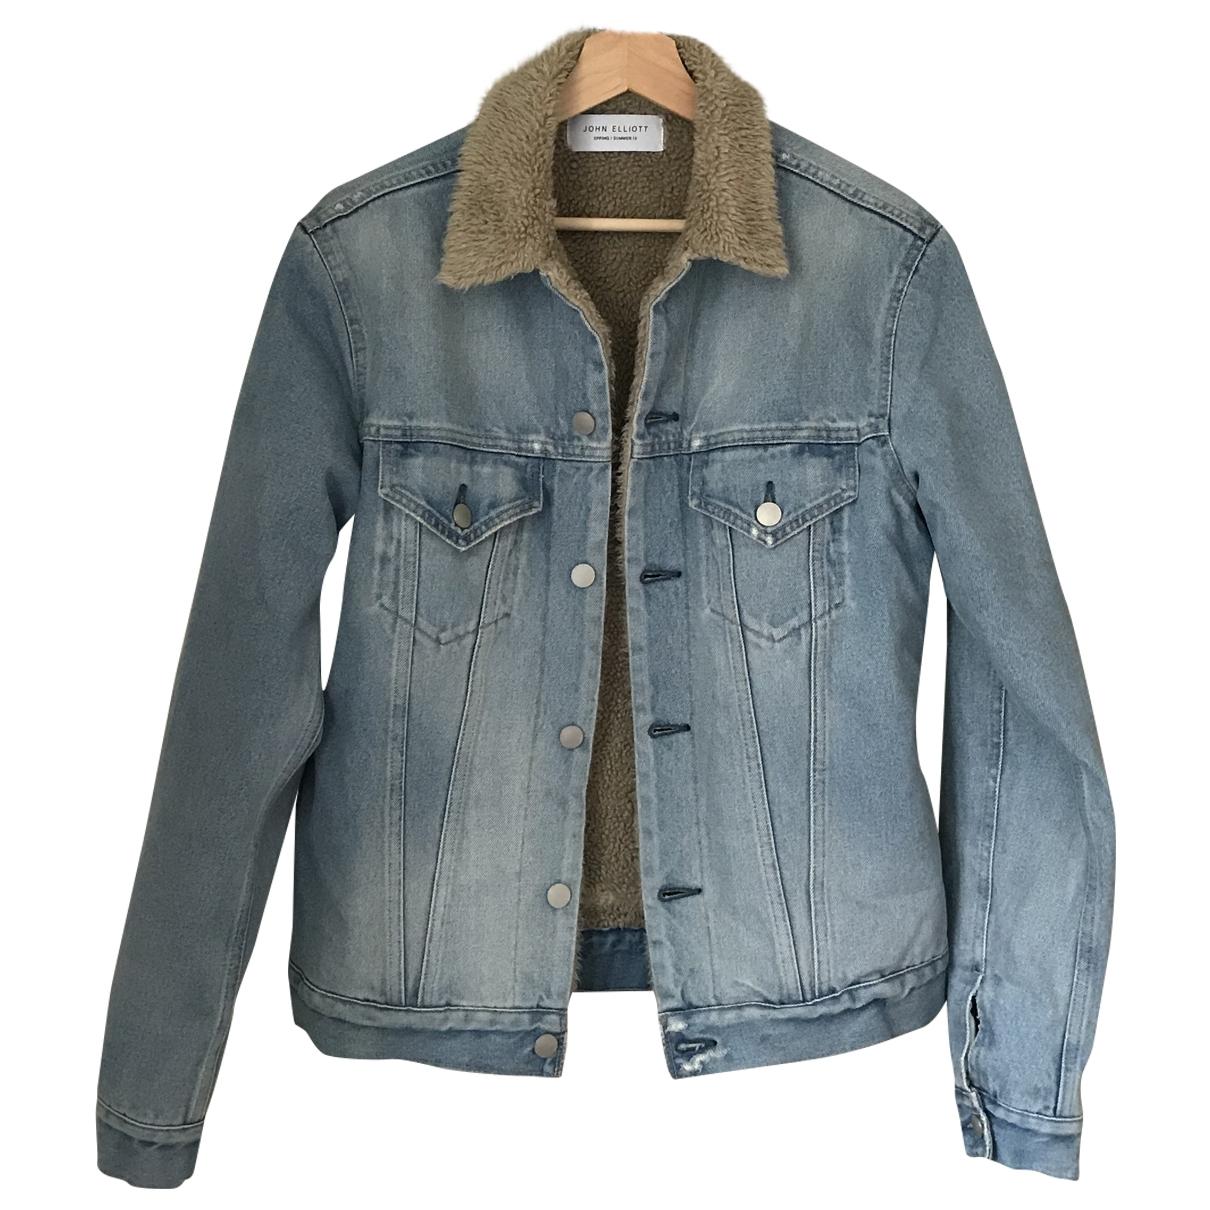 John Elliott \N Blue Denim - Jeans jacket  for Men 1 0 - 6